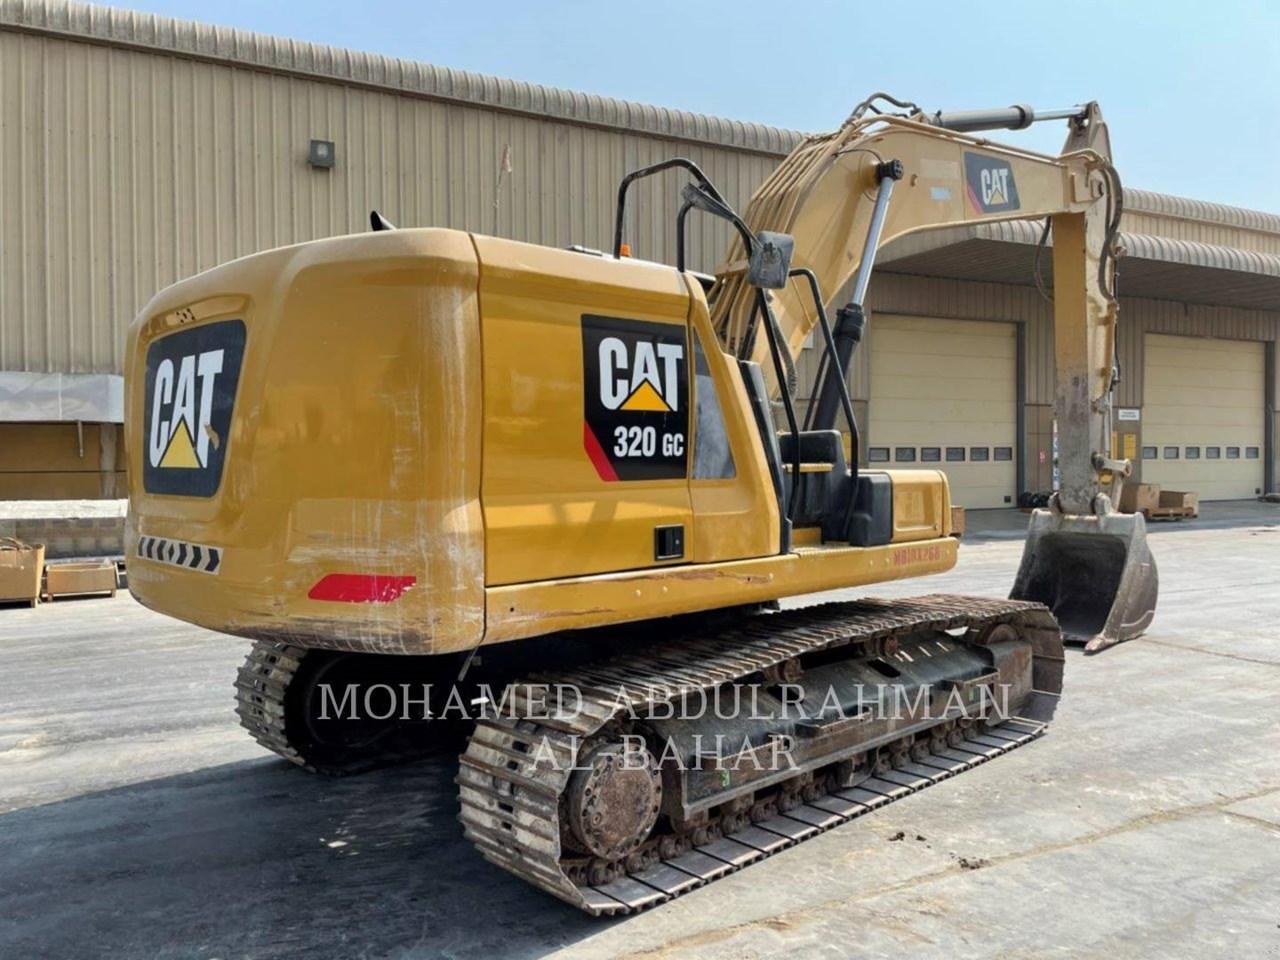 2019 Caterpillar 320-07GC Image 5